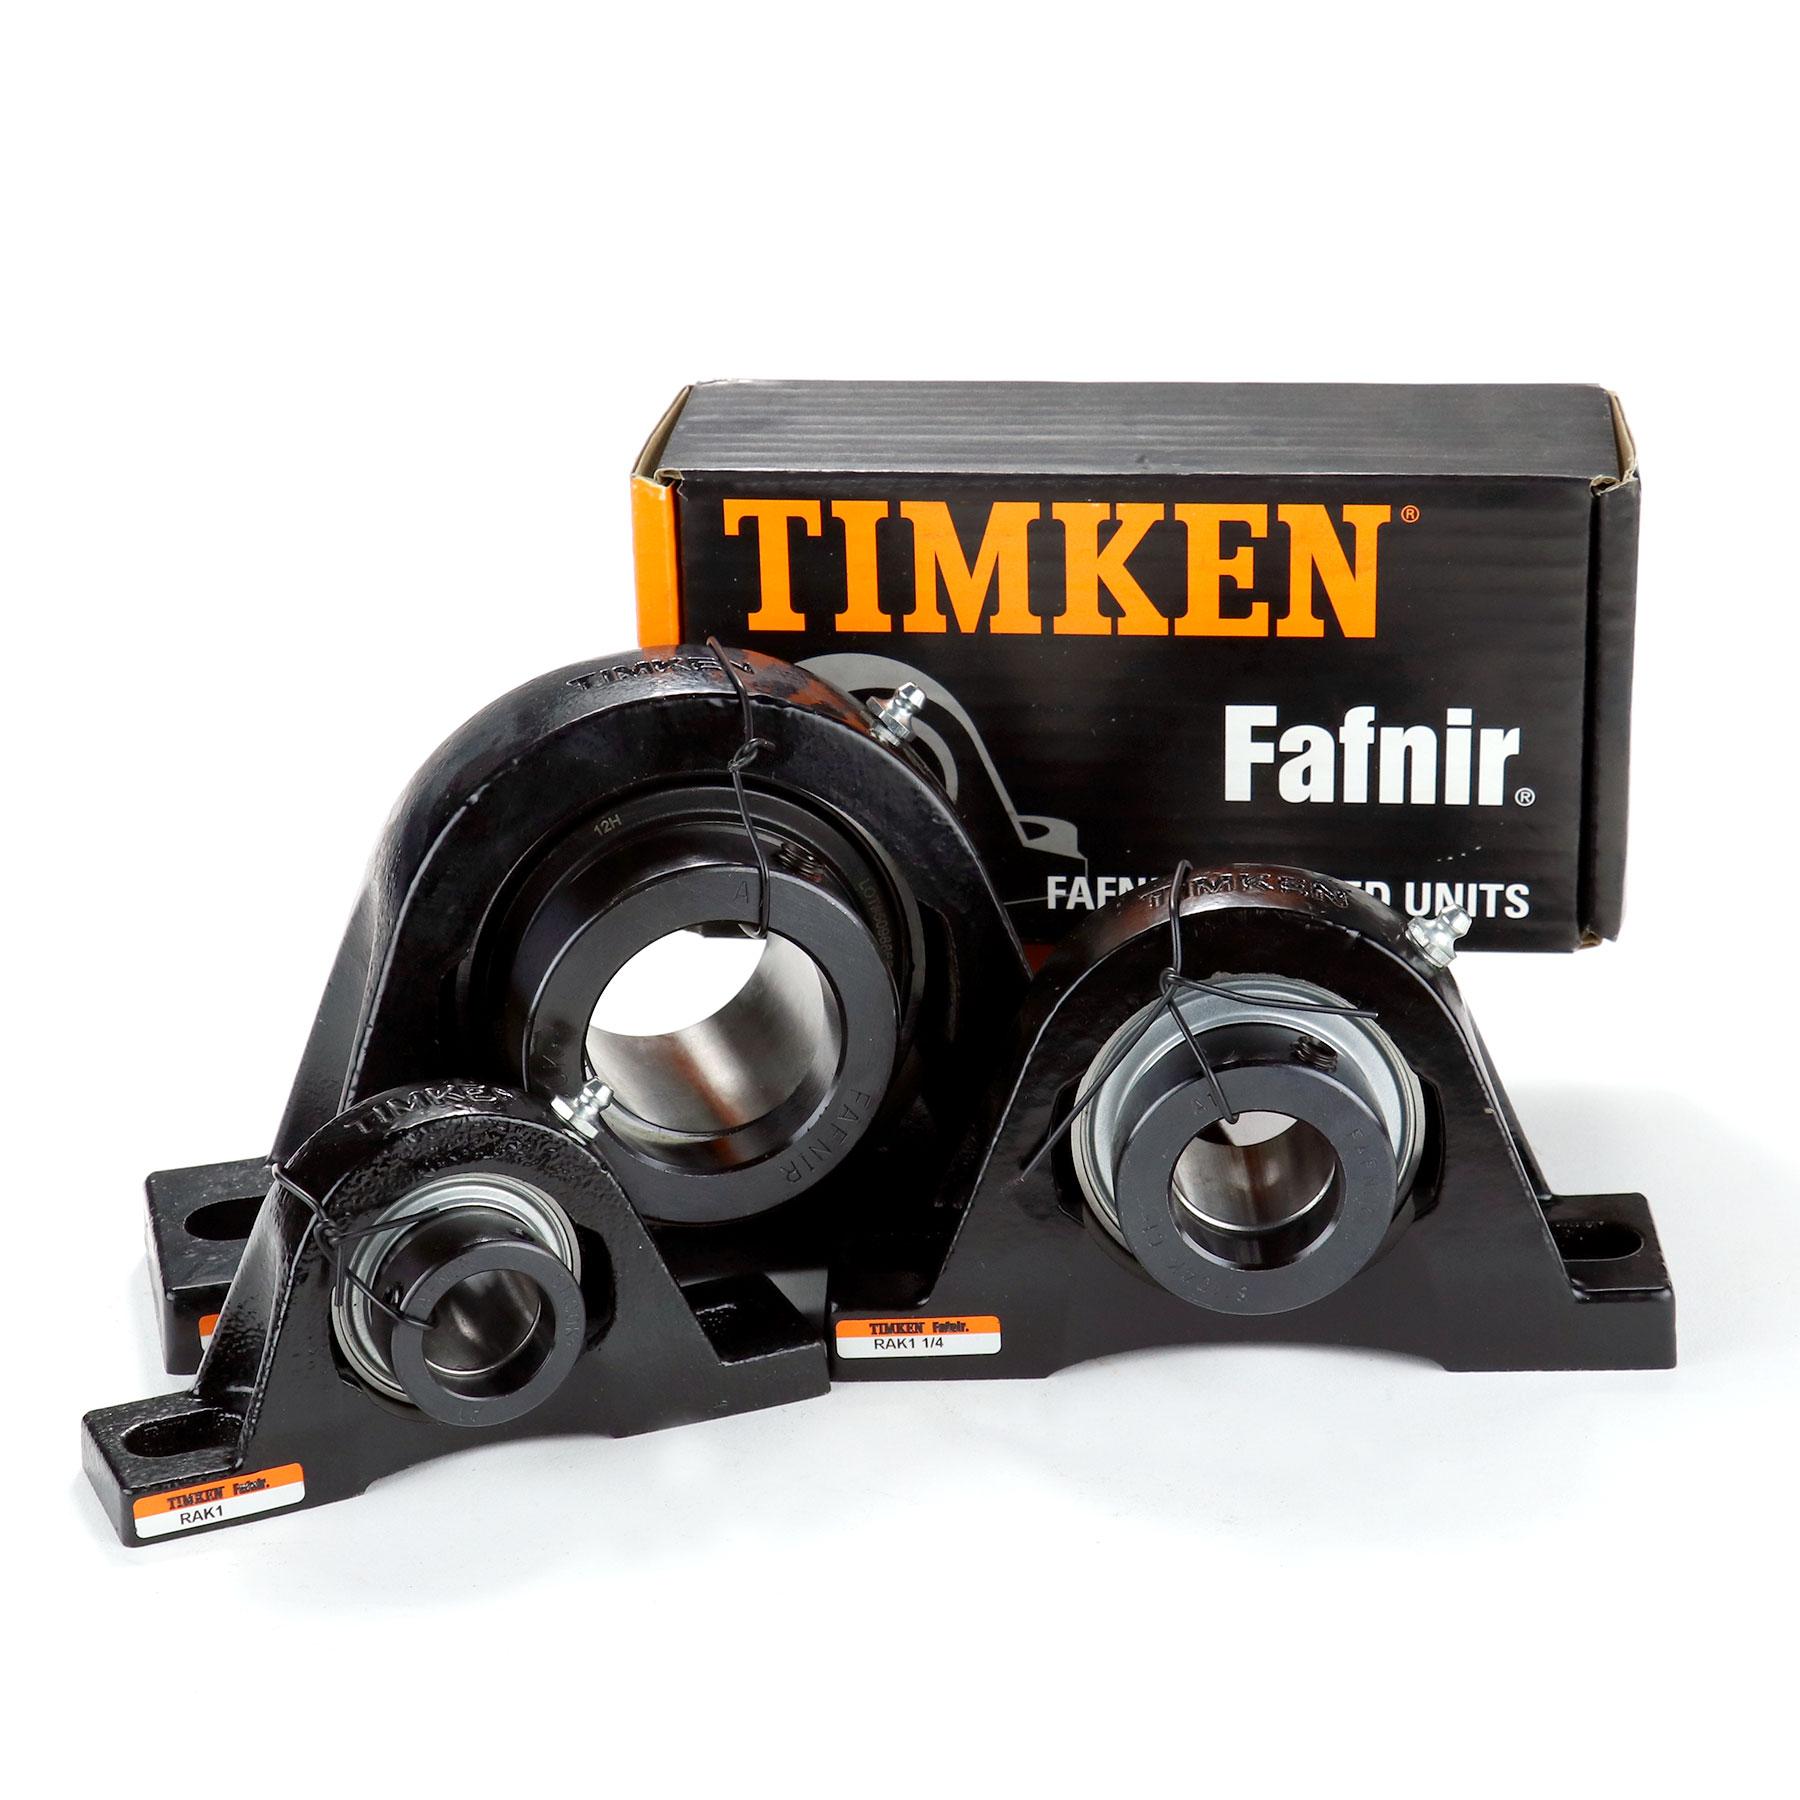 timken fafnir pillowblocks, L&M Specialty Fabrication Batavia NY